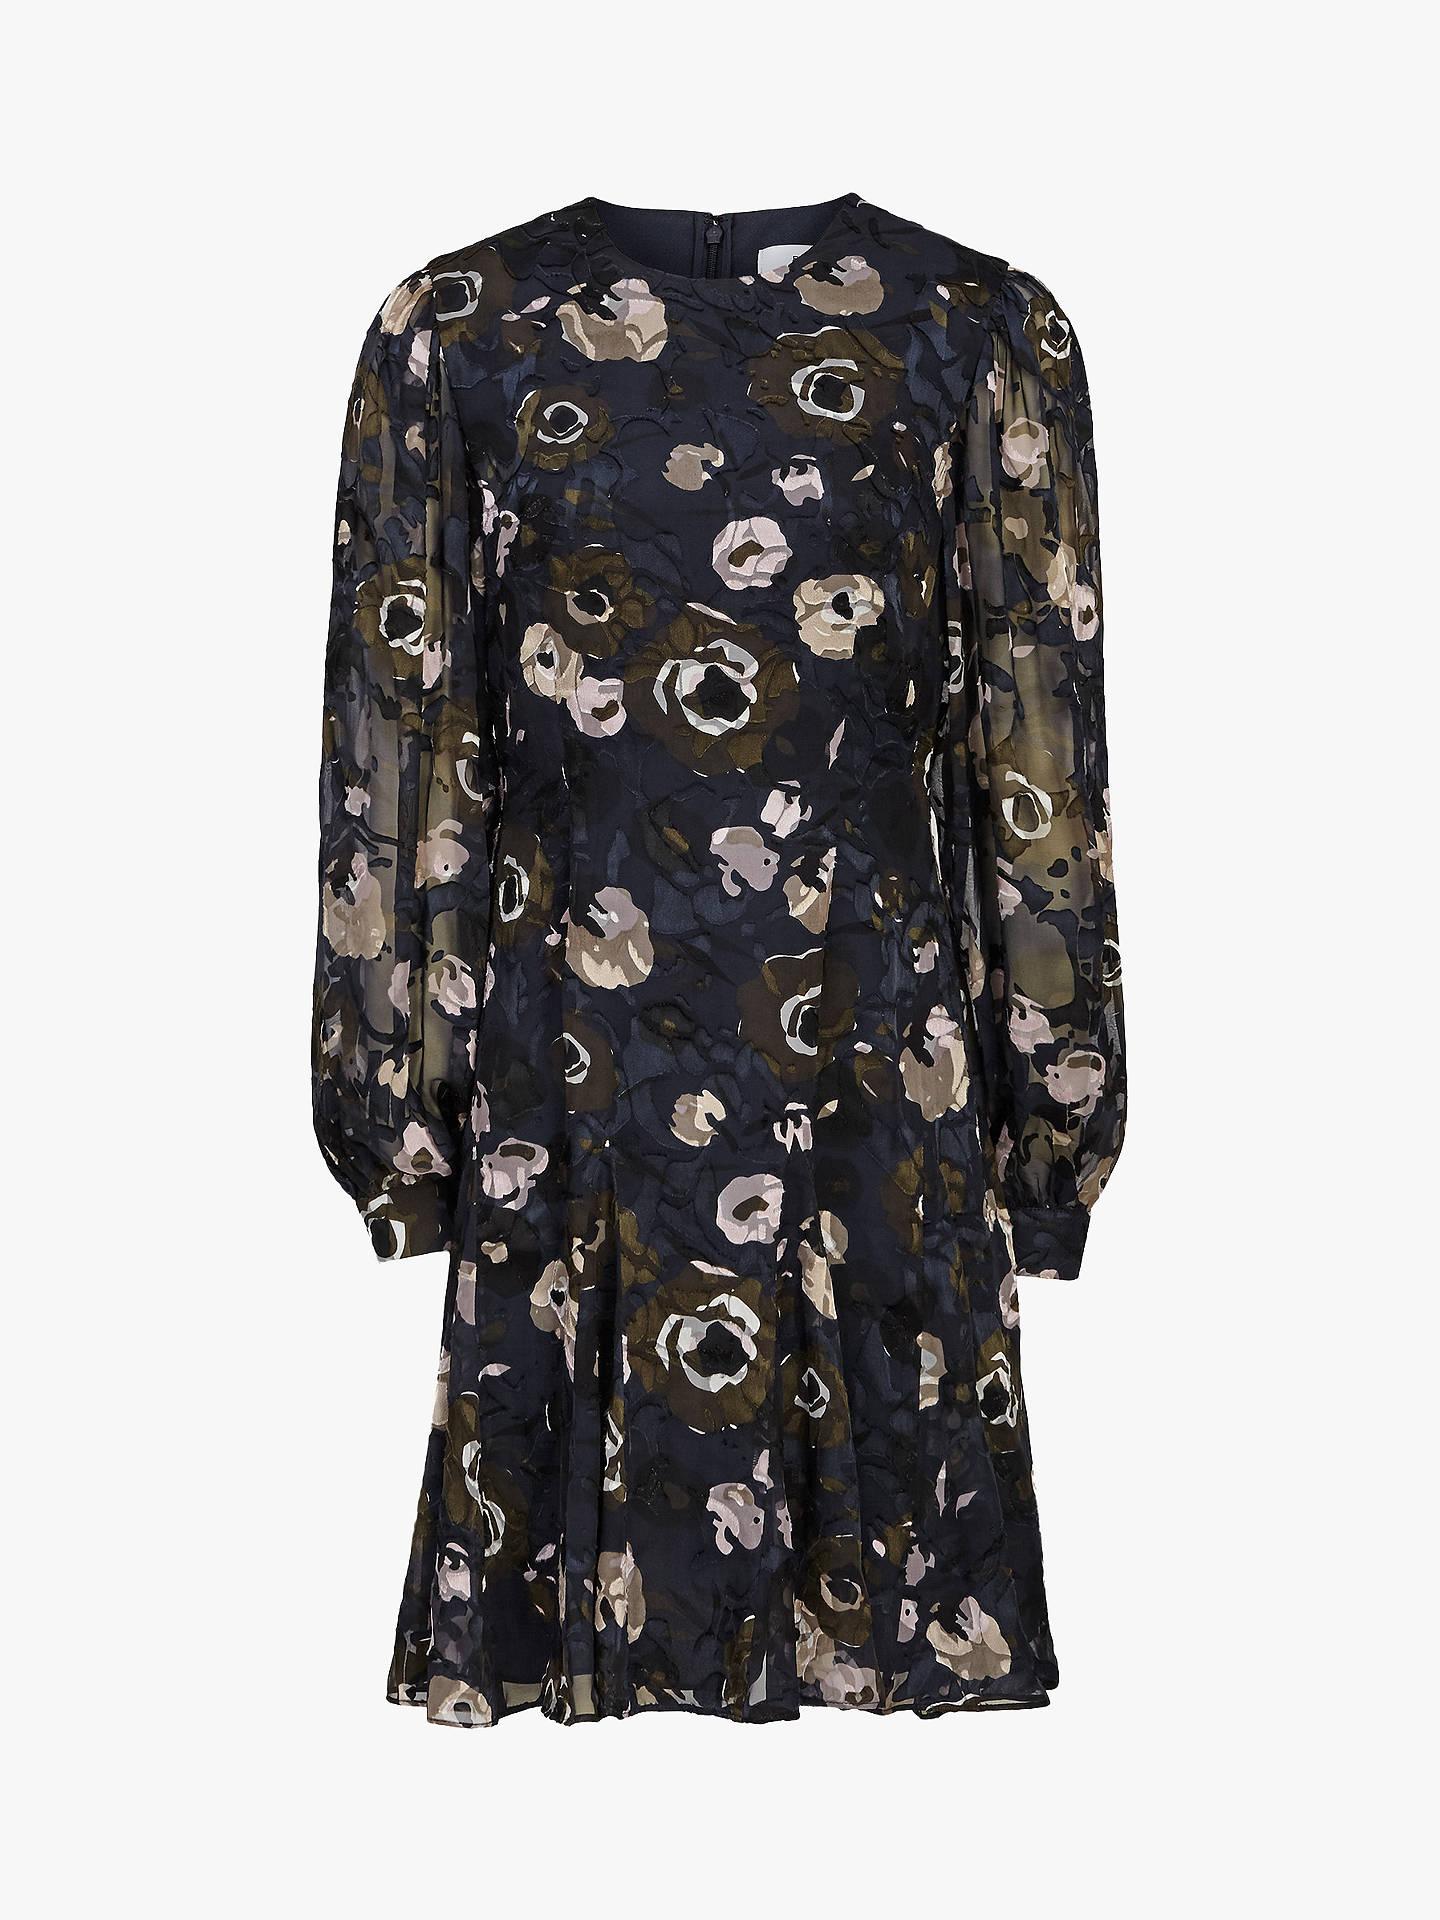 c7136554345 ... Buy Reiss Allie Floral Burnout Dress